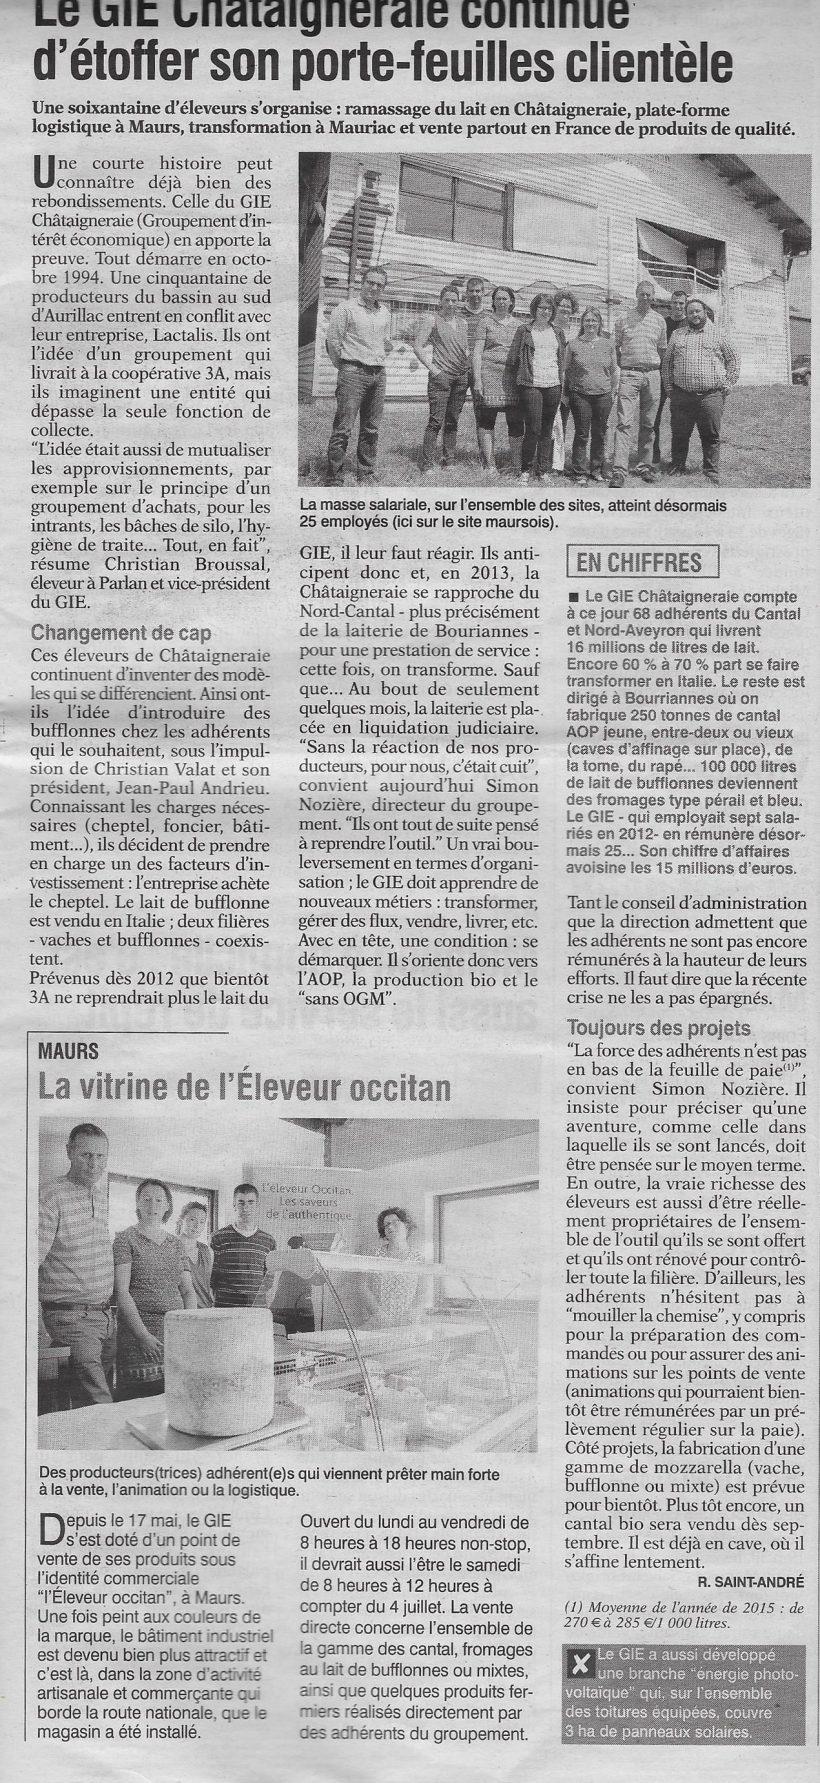 22-06-16 – L'union du Cantal – Le GIE Châtaigneraie continue d'étoffer son porte-feuilles clientèle